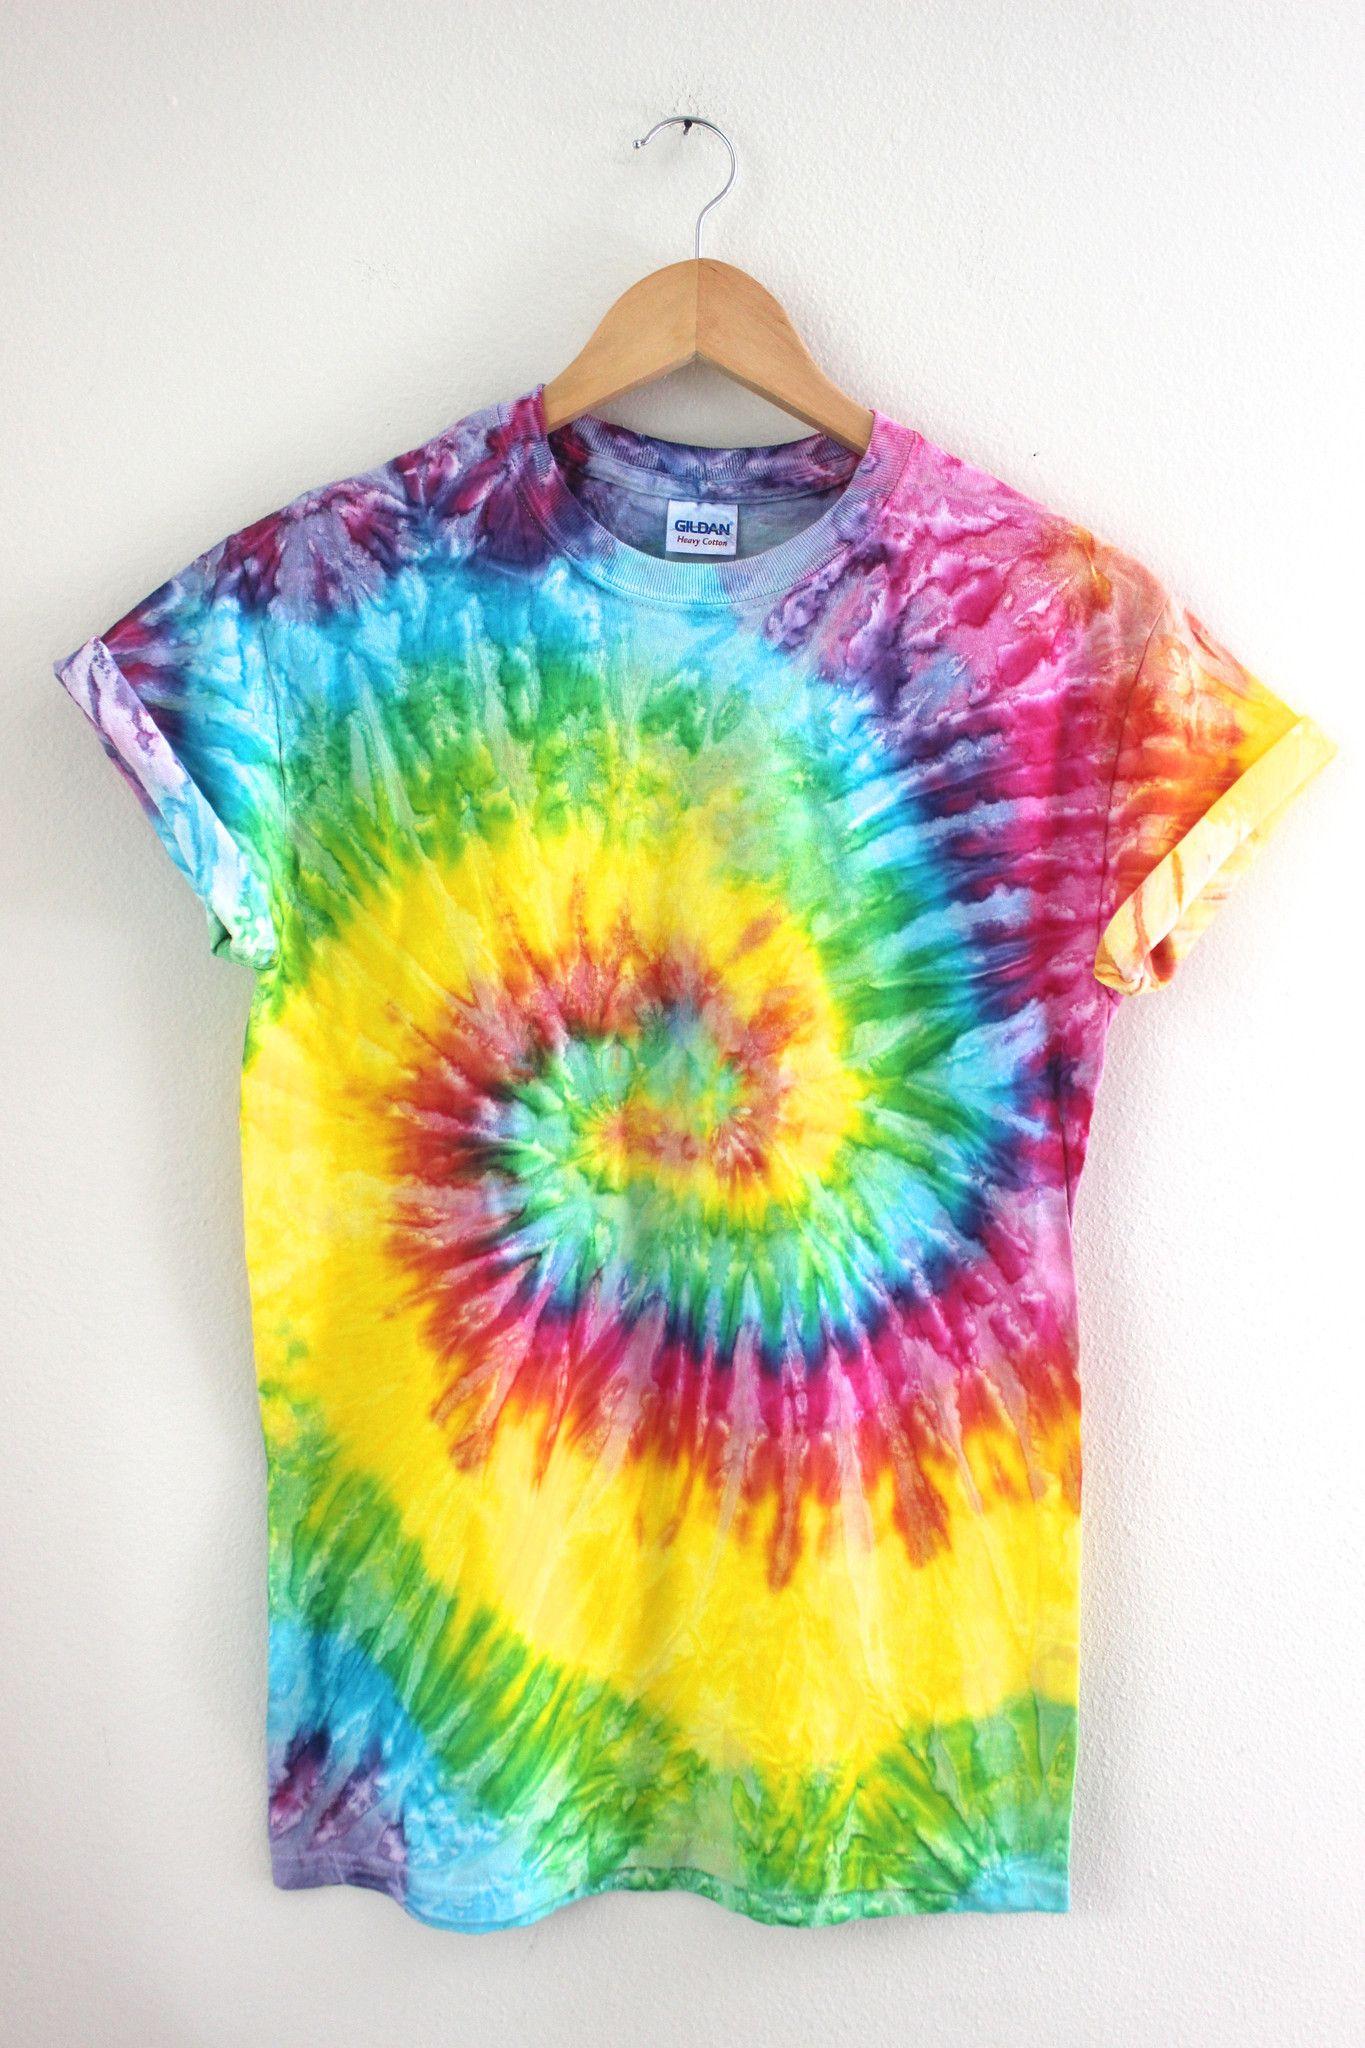 fe3a2ada8304 Bright Rainbow Tie-Dye Unisex Tee